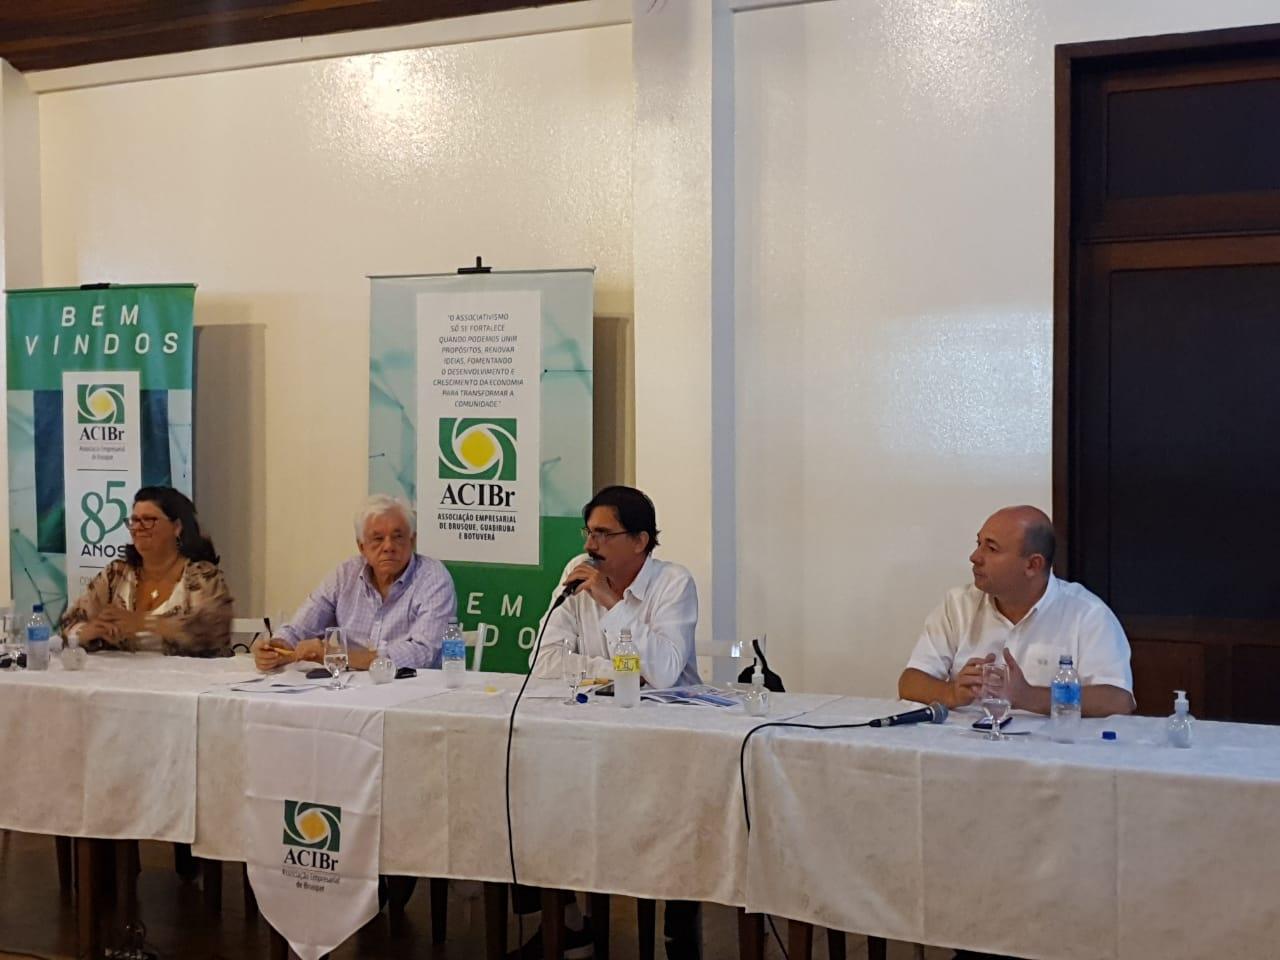 Prefeitura participa de reunião do comitê preventivo do coronavírus da ACIBr